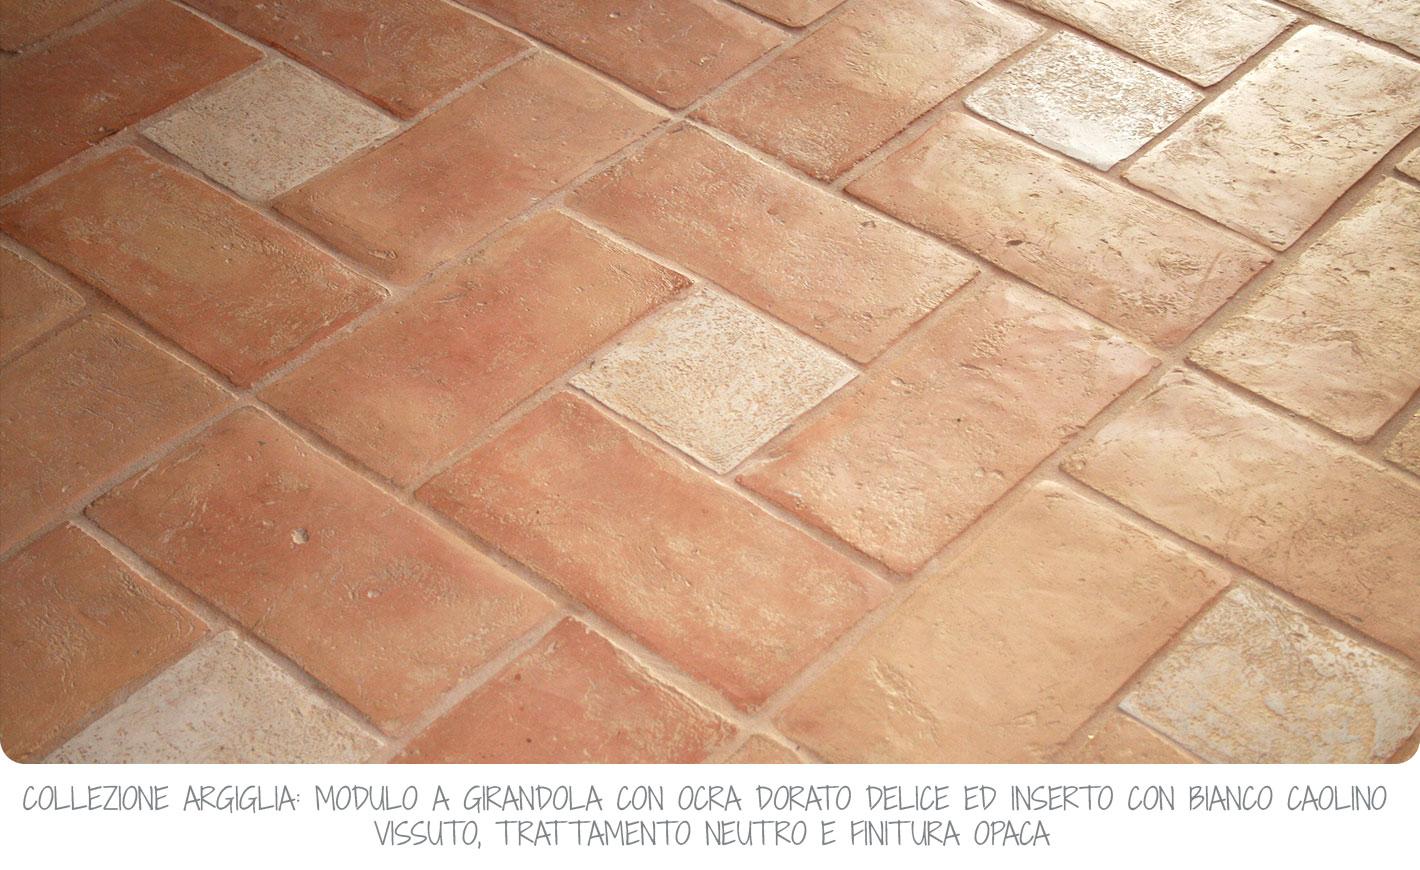 Pavimenti cotto smaltato una fonte di ispirazione per for Cotto toscano prezzi